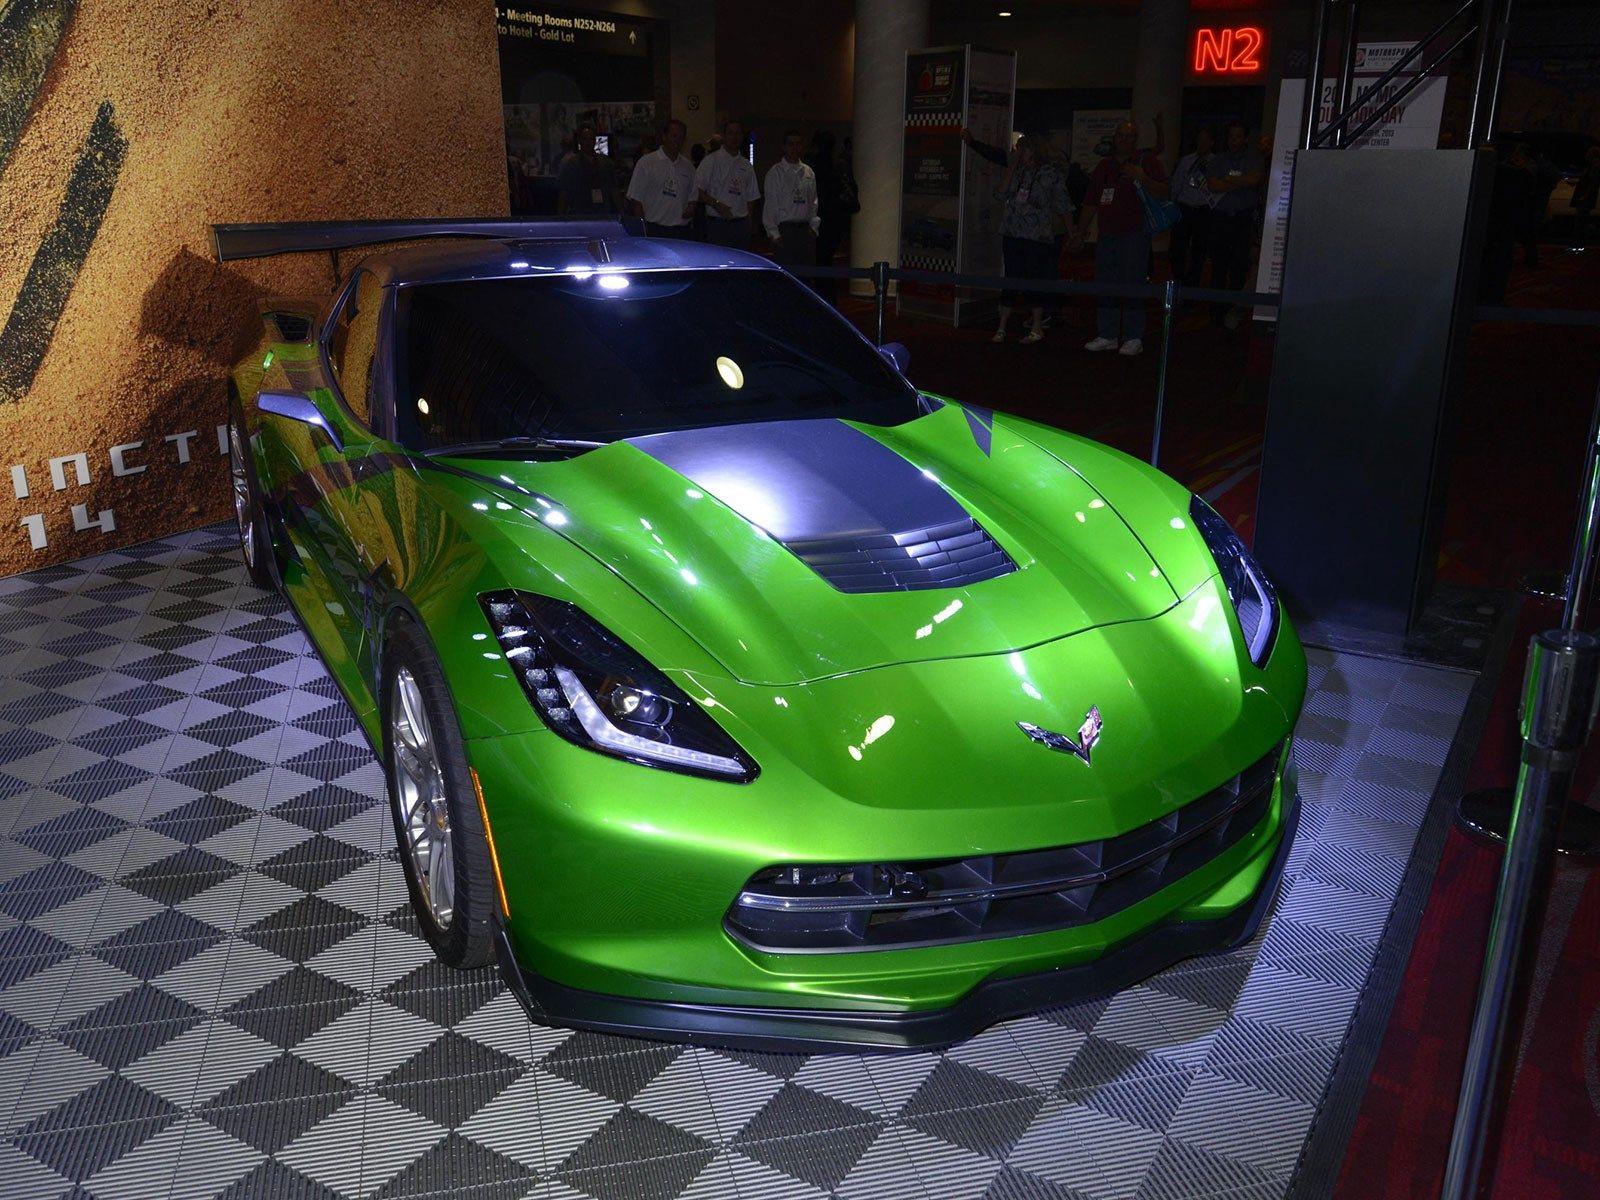 Ini Harga Jual Supercar Gm Corvette Zr1 Otomotif Bisnis Com